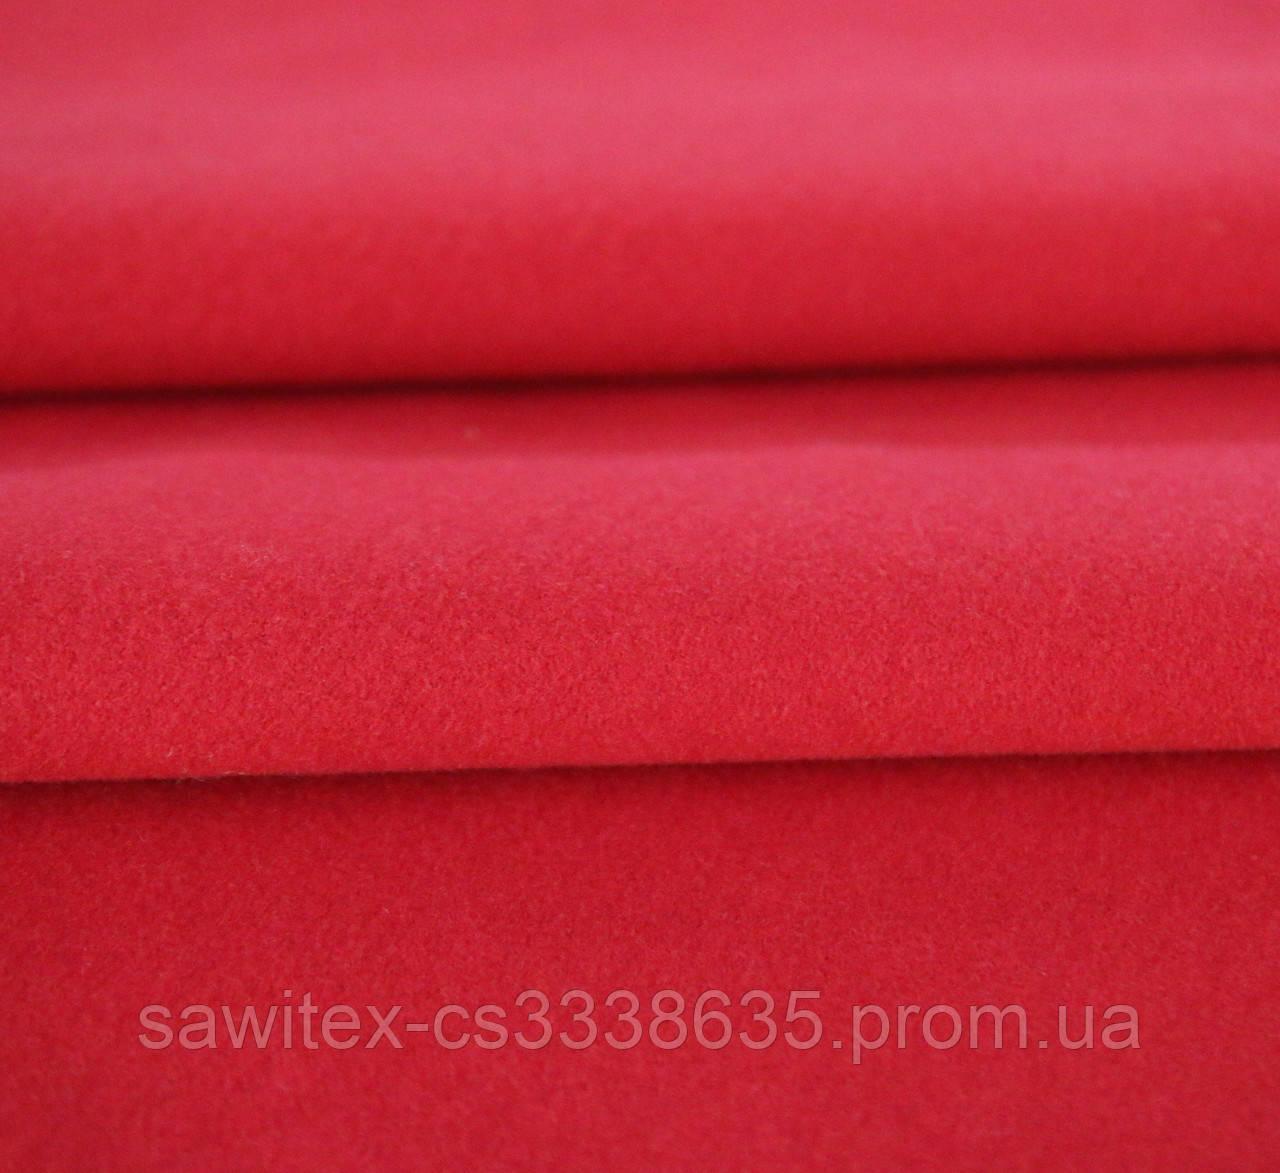 Лайкра ткань купить розница лен купить ткань для вышивки